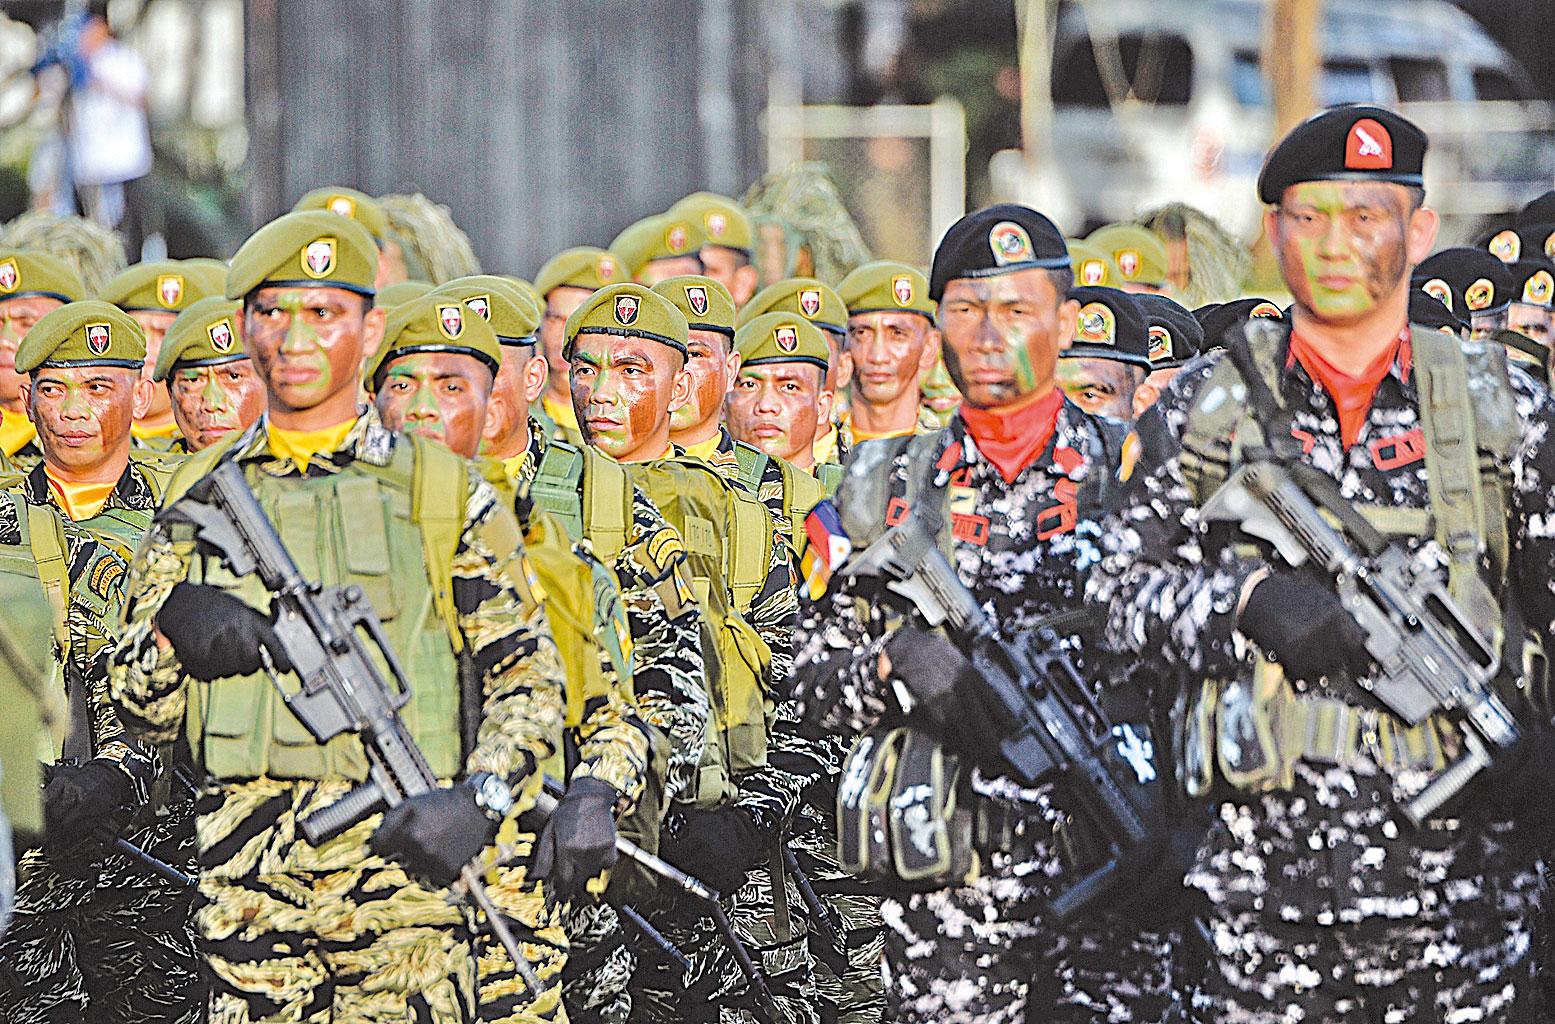 菲律賓政府剿滅菲共勢力,收效顯著。圖為2017年12月20日,菲律平治兵在馬尼拉郊外的奎松市阿奎納爾多營舉行儀式,紀念軍人周年紀念儀式,由總統杜特爾特出席儀式。(Getty Images)